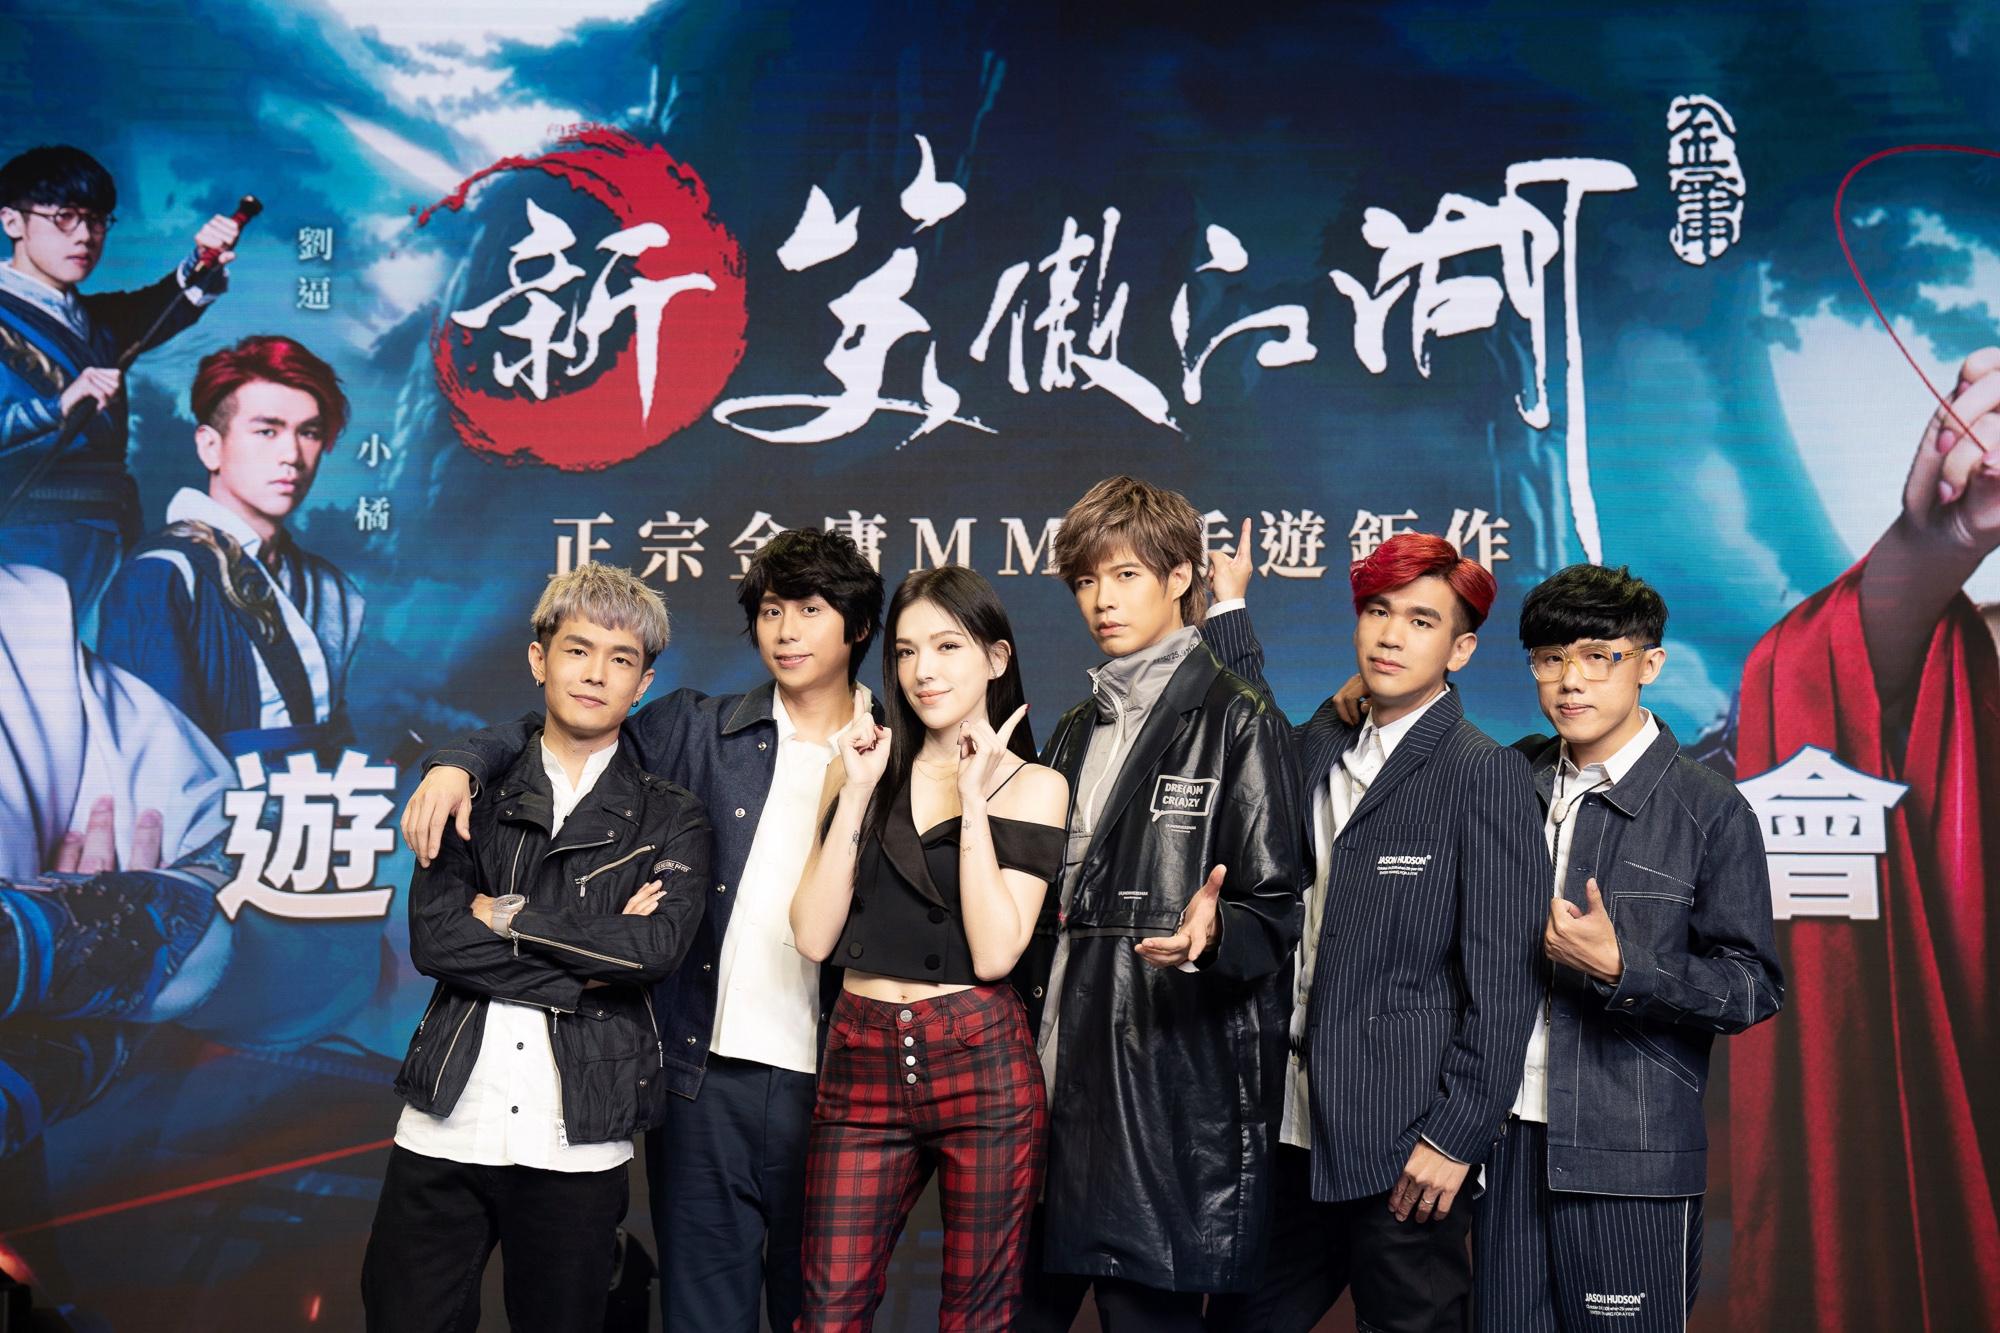 ▲許瑋甯及八三夭首度合體演唱《滄海一聲笑2020》,搖滾翻玩經典名曲!